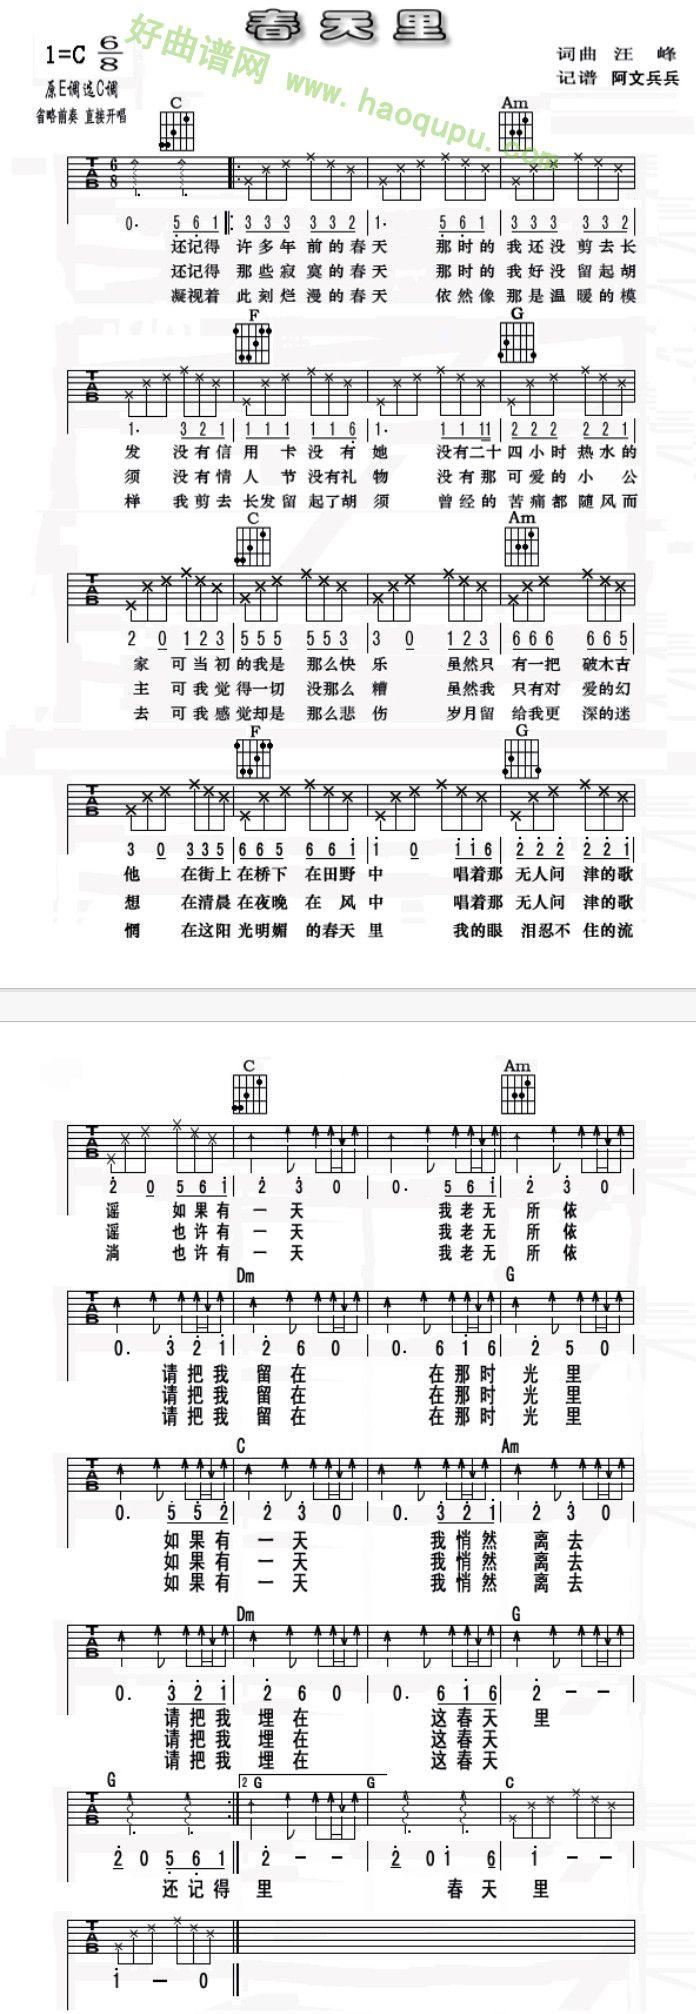 汪峰旭日阳刚 曲谱报错发表评论           《春天里》是汪峰的代表歌